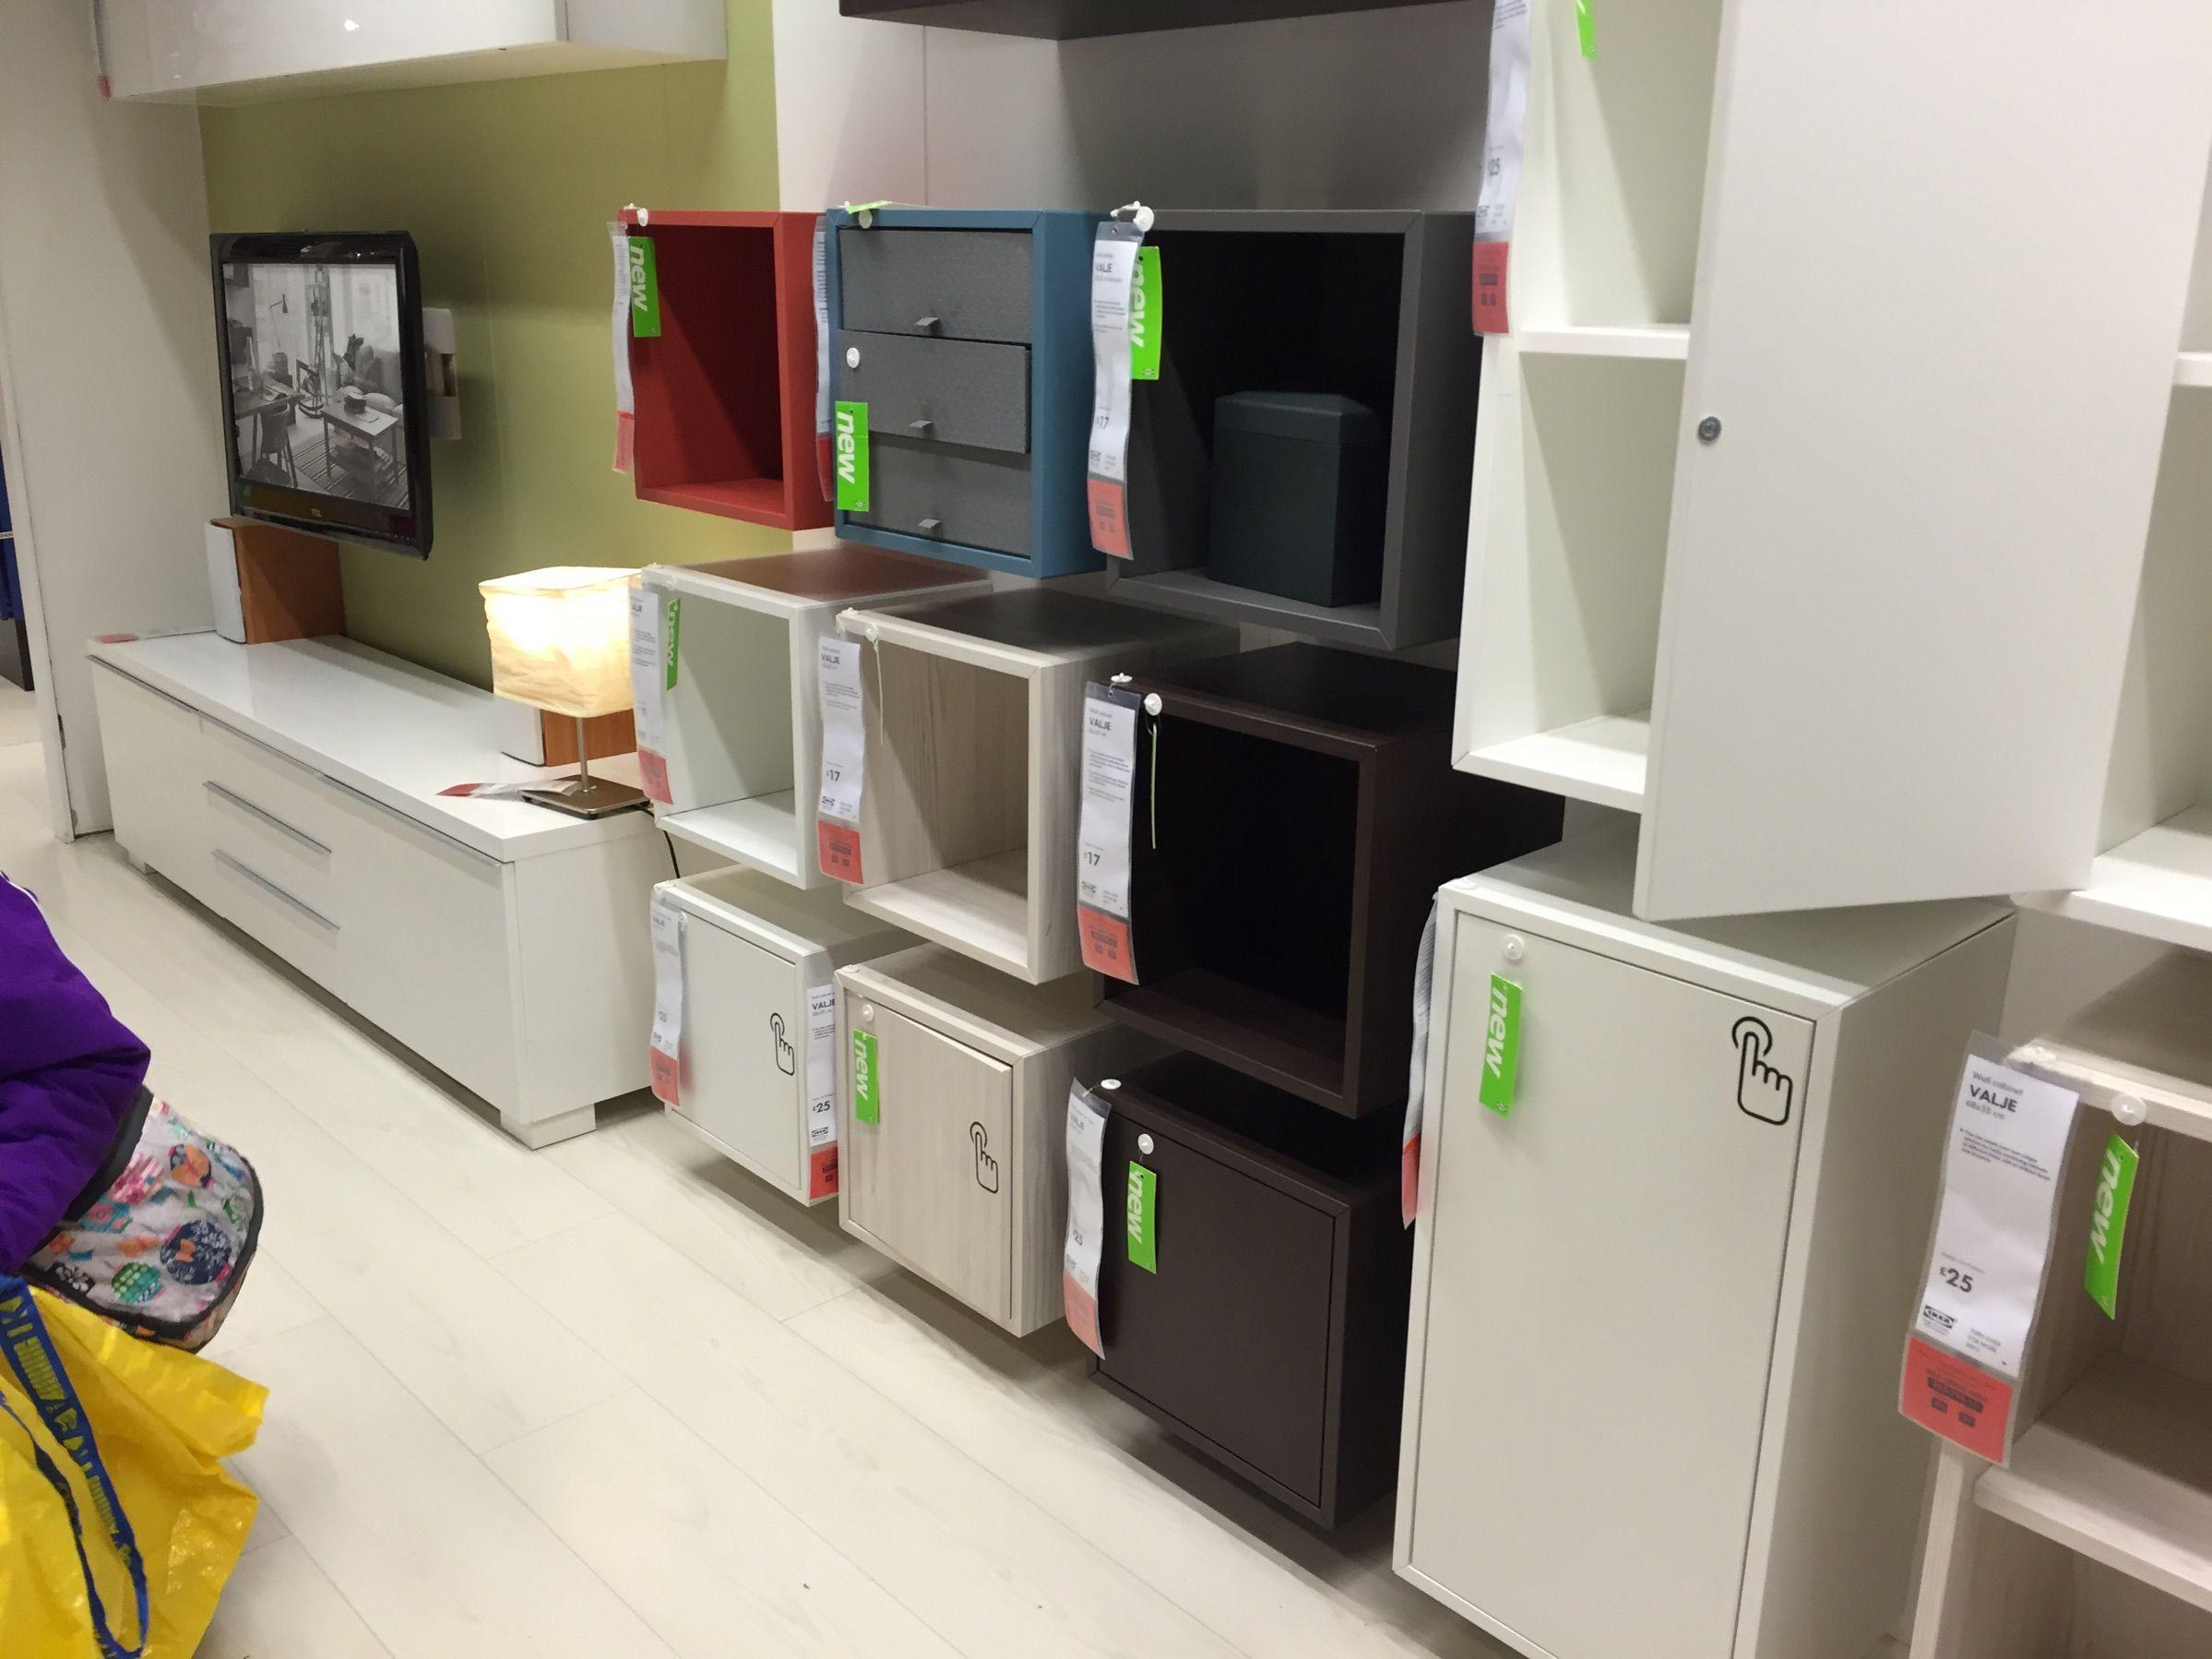 Ikea Valje Wall Units | Ikea, Locker storage, Wall unit